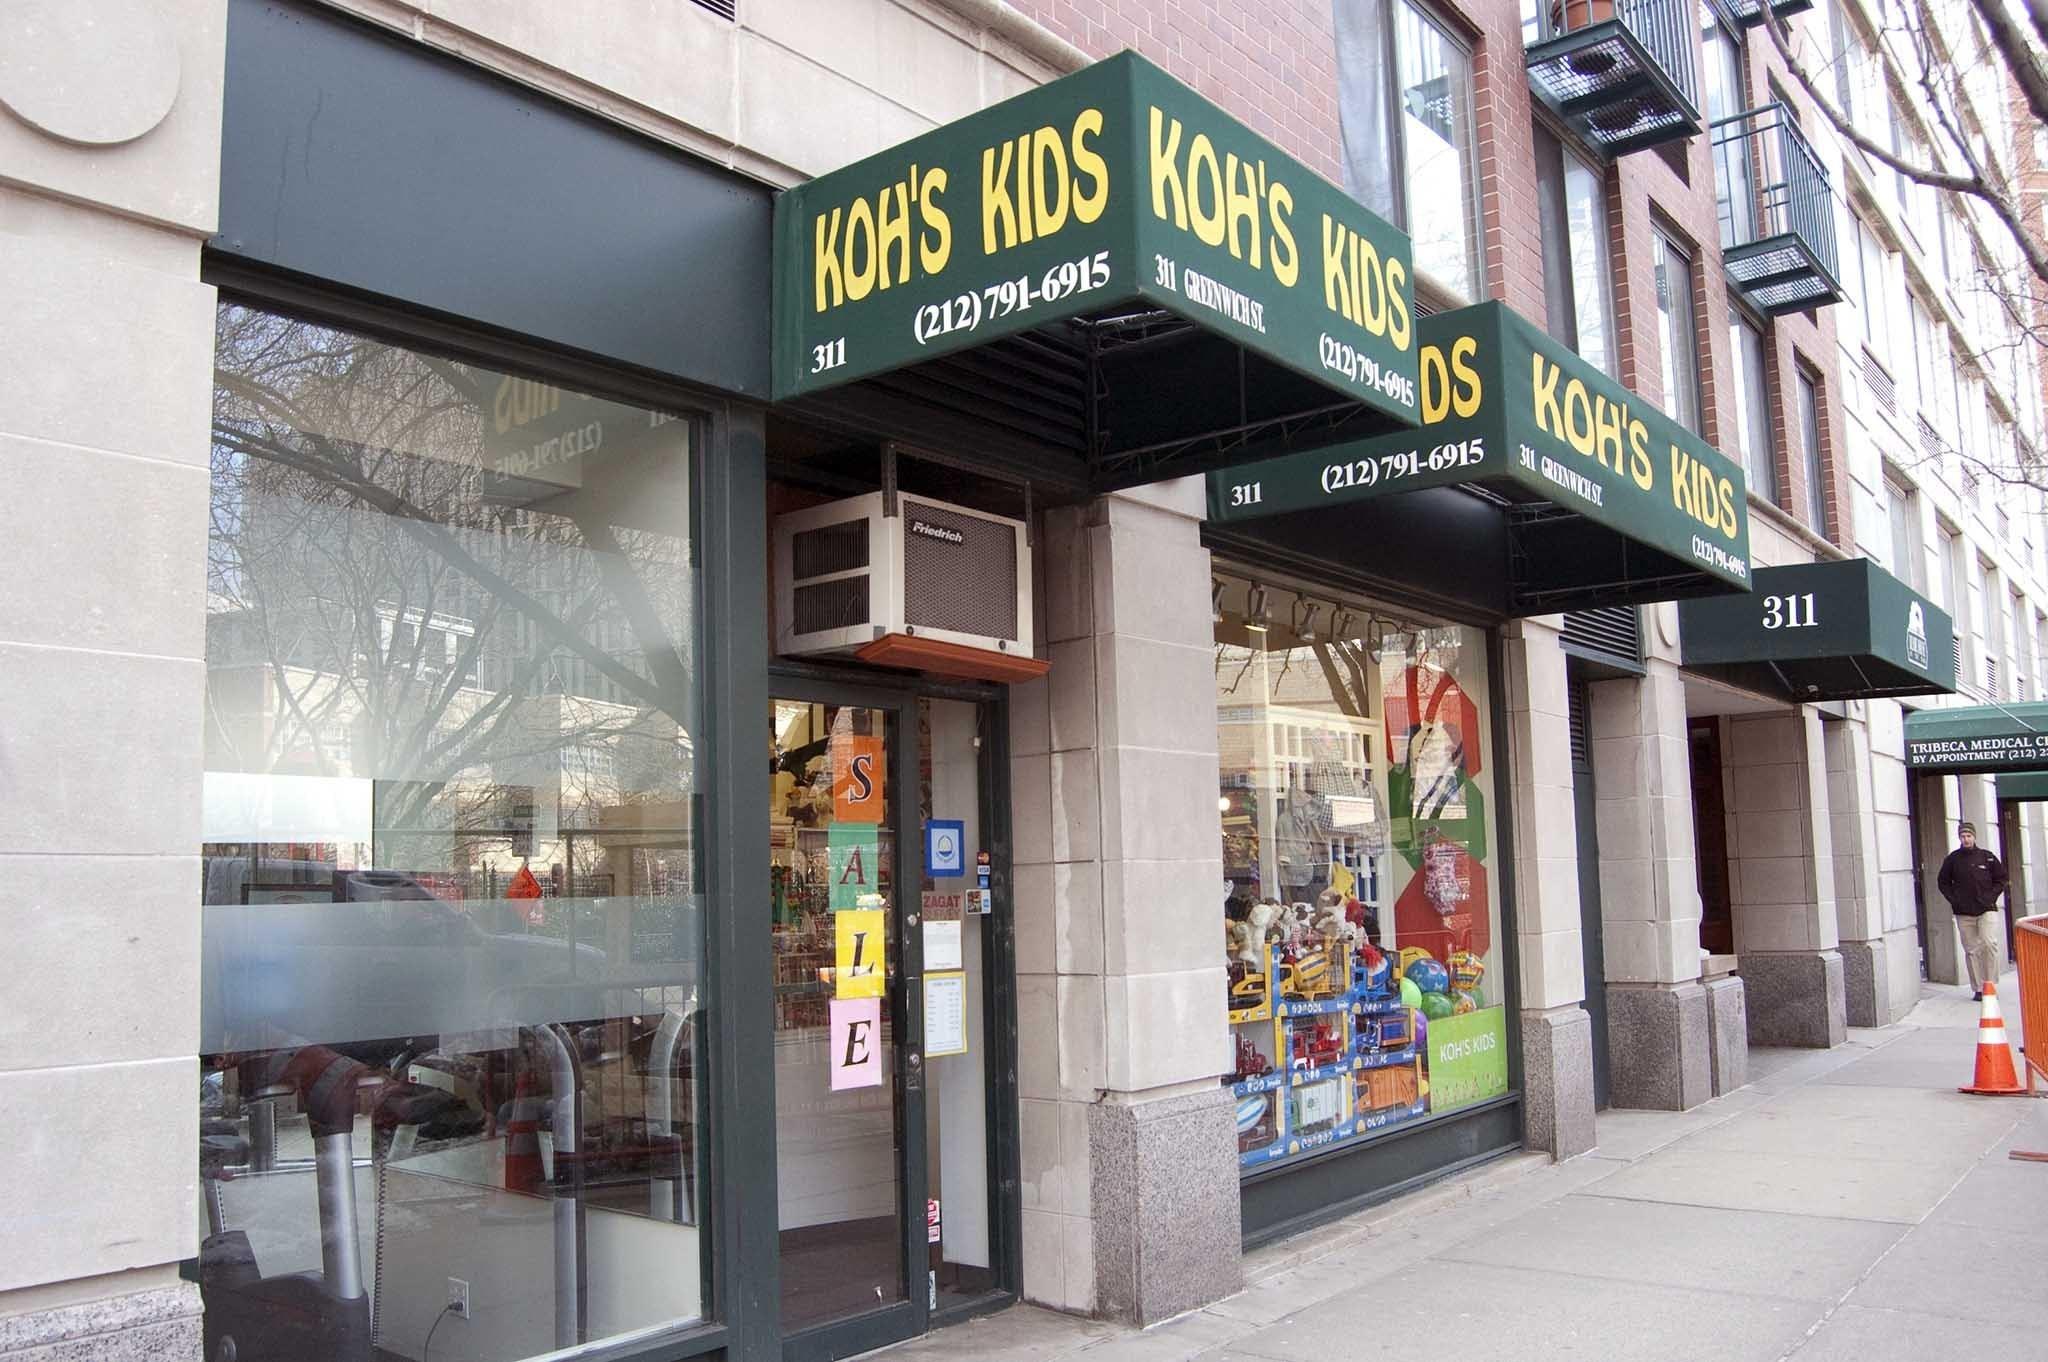 Koh's Kids